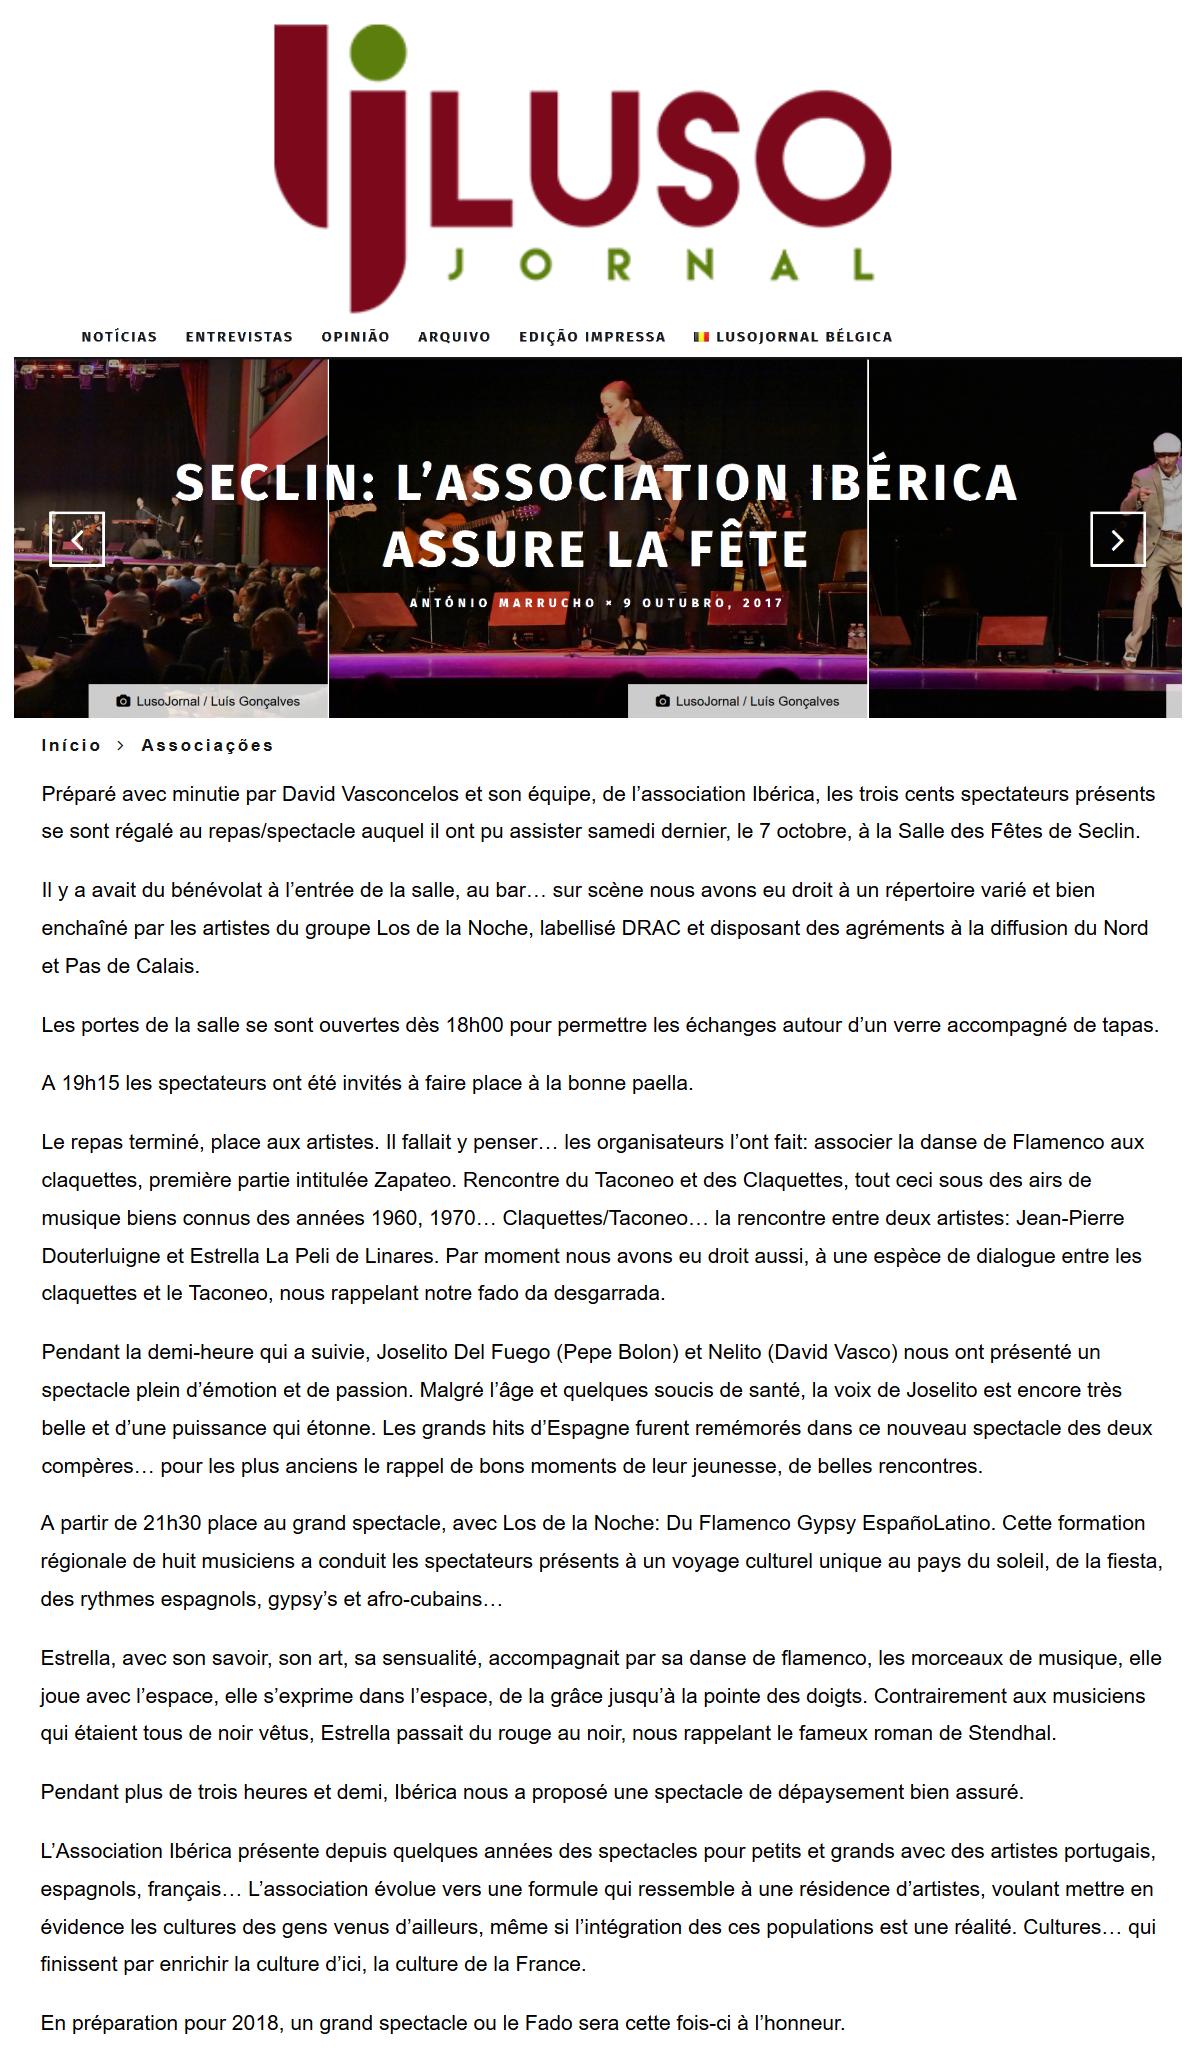 17 10 09 - IB - LUSOJORNAL - Flamenco Gypsy LIlle Seclin